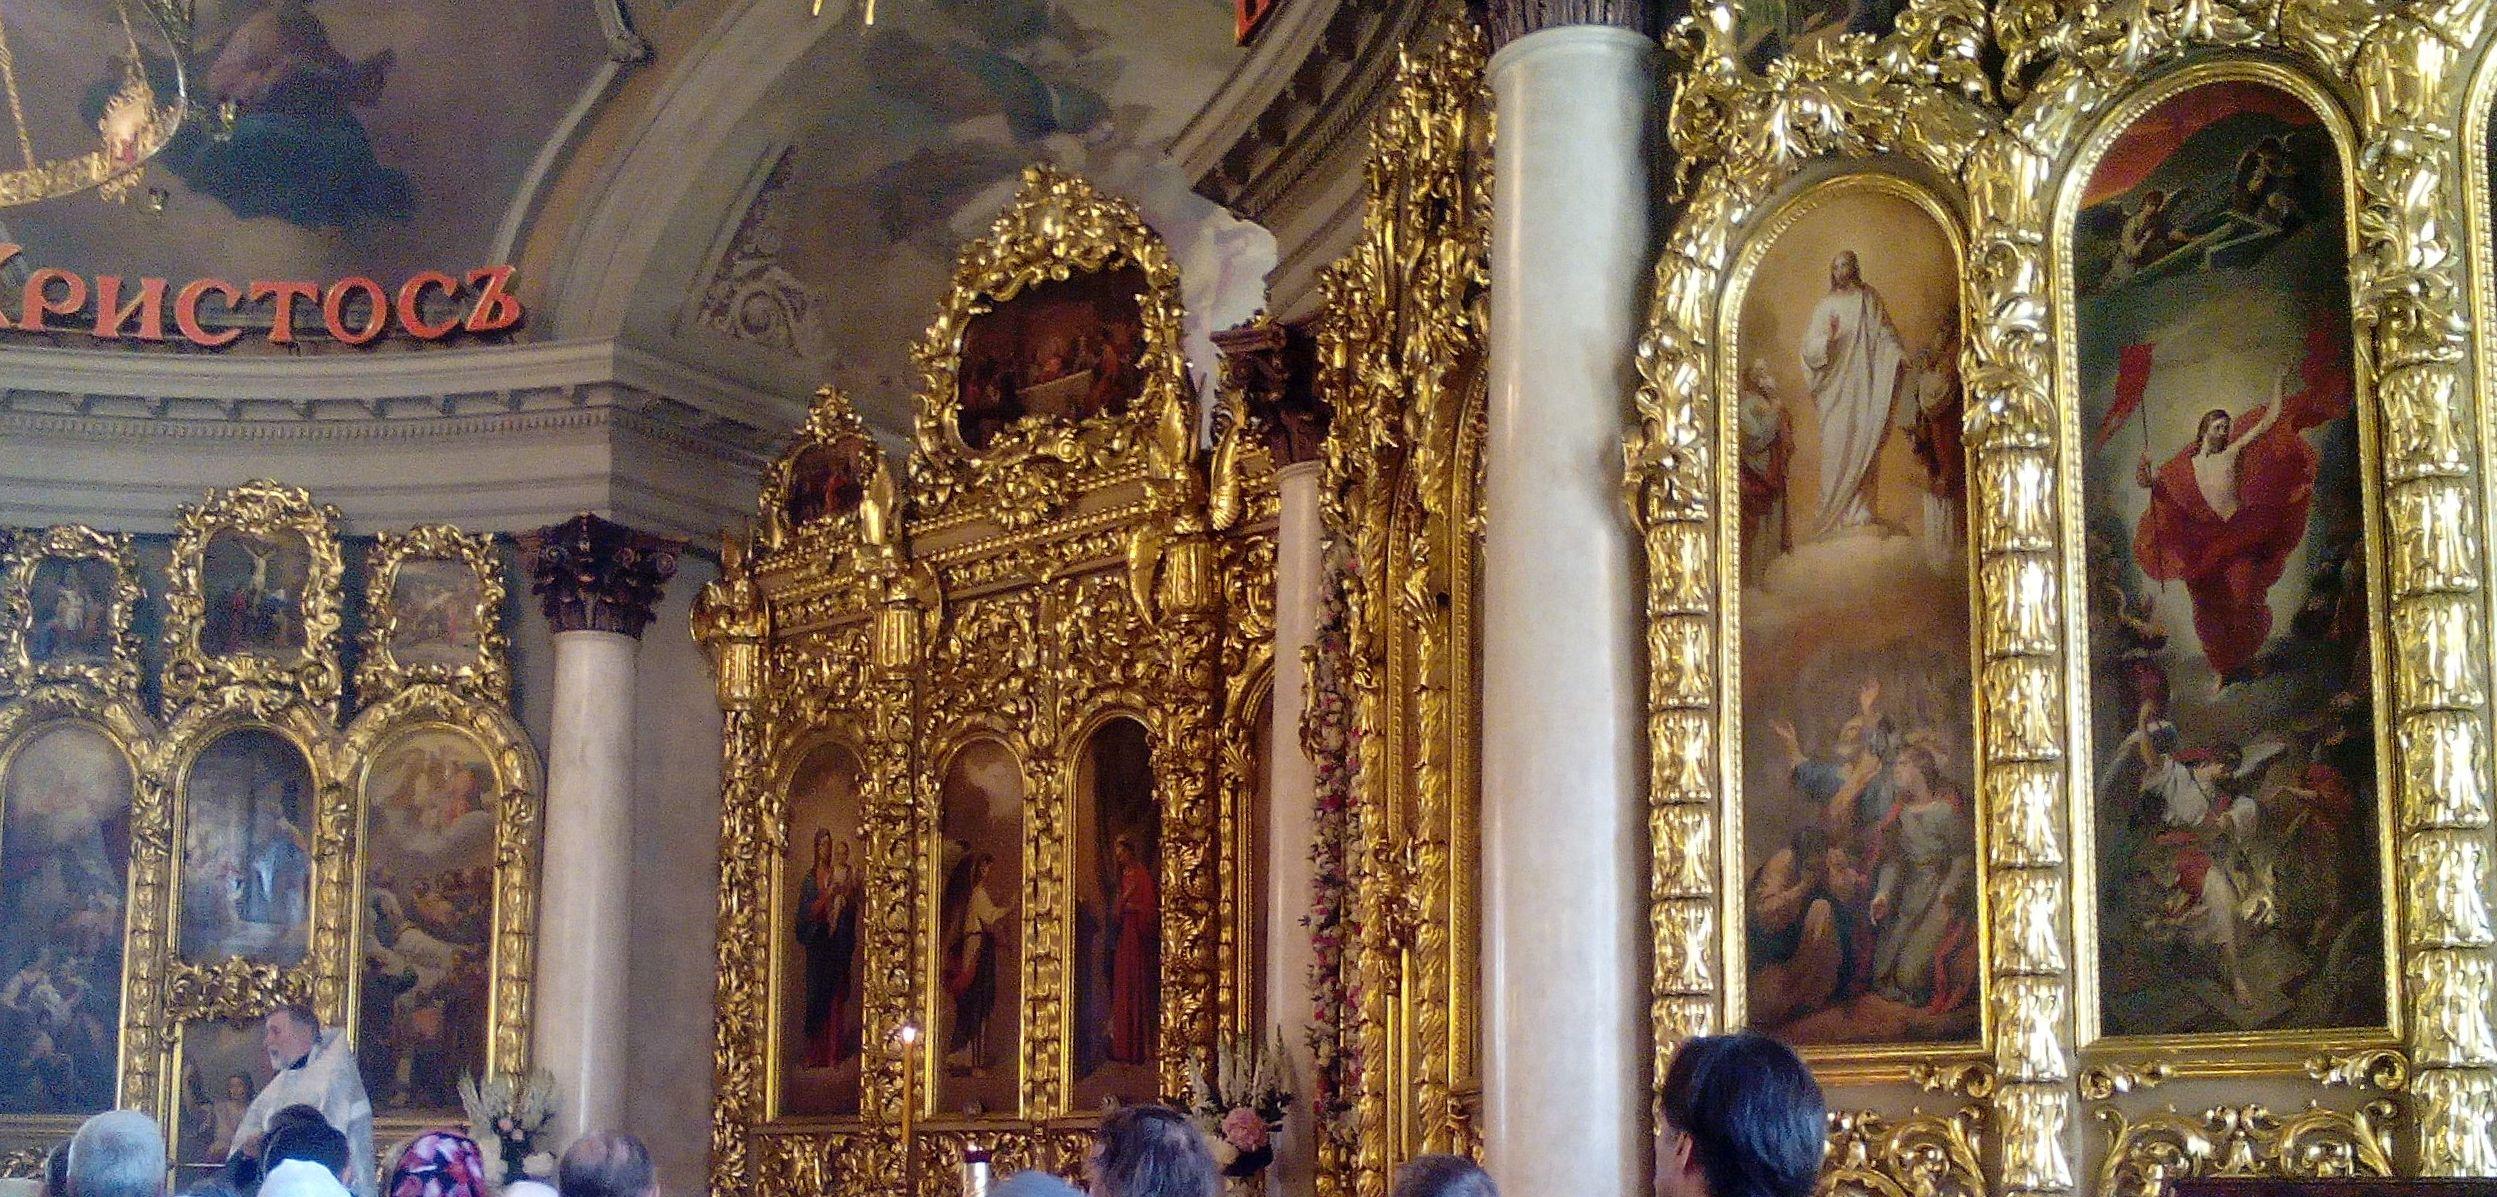 Gouverneur der Region Swerdlowsk verschiebt aufgrund einer Umfrage Kirchenbau